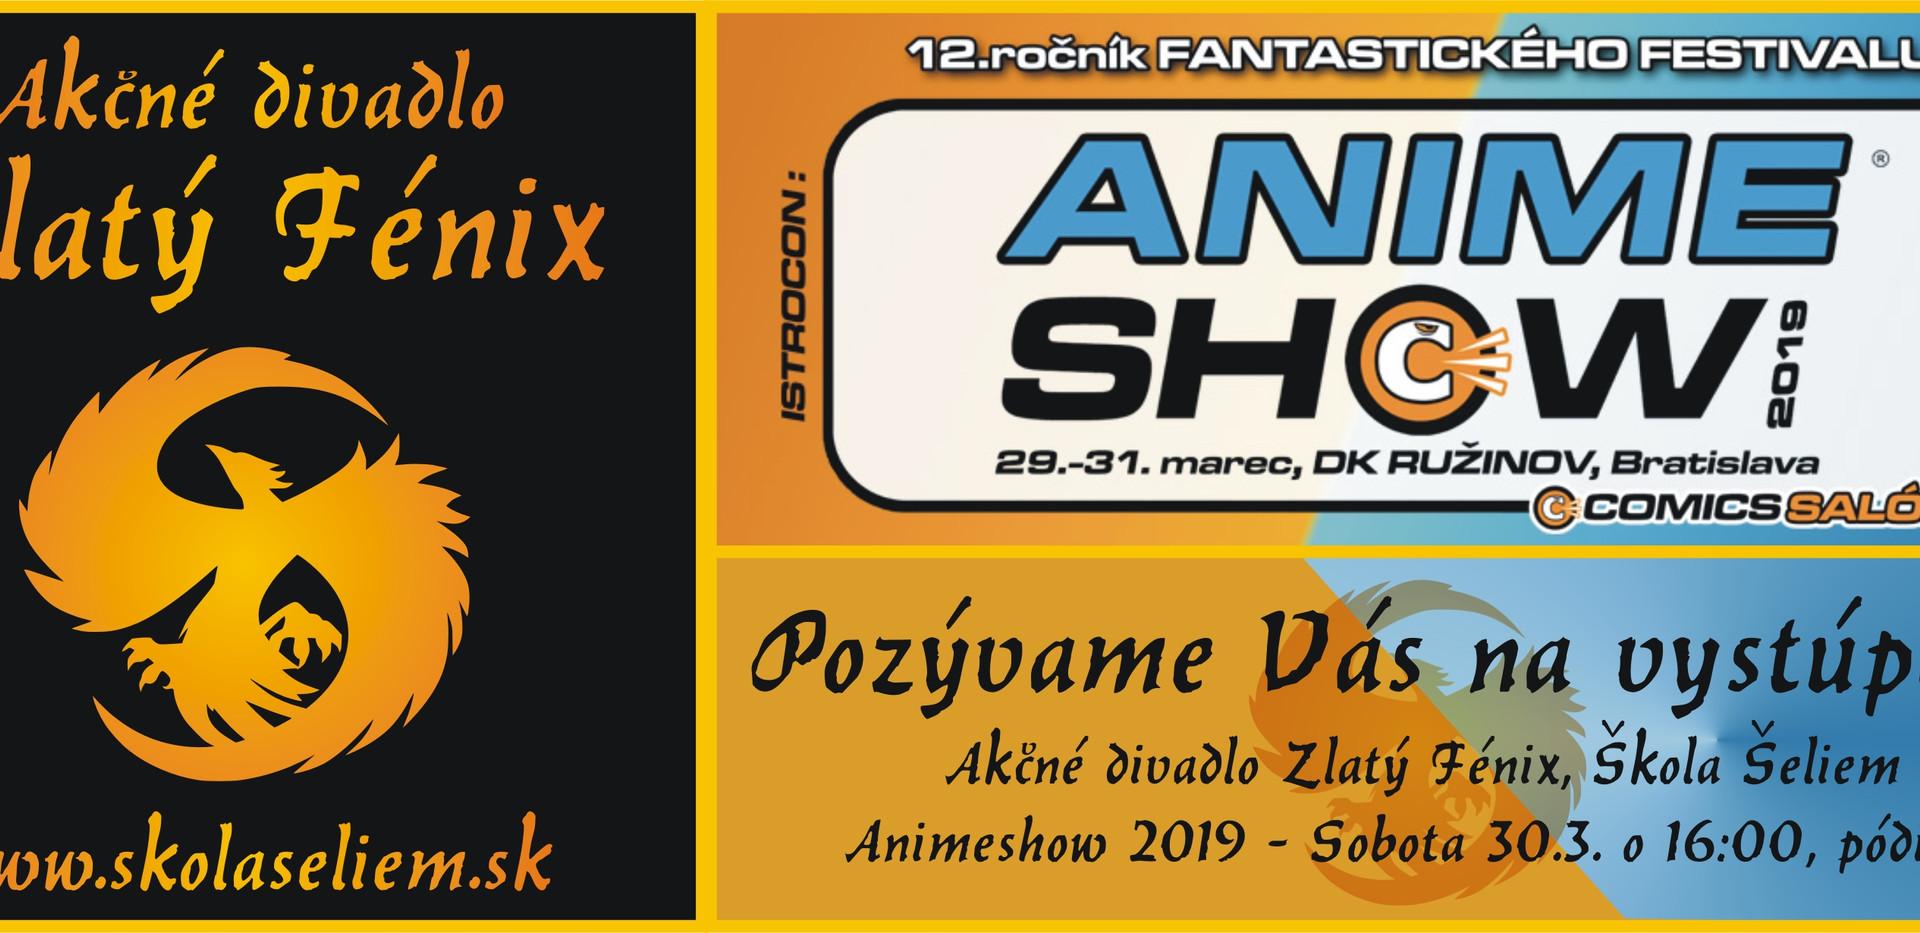 akcne-divadlo-zlaty-fennix-animeshow2019